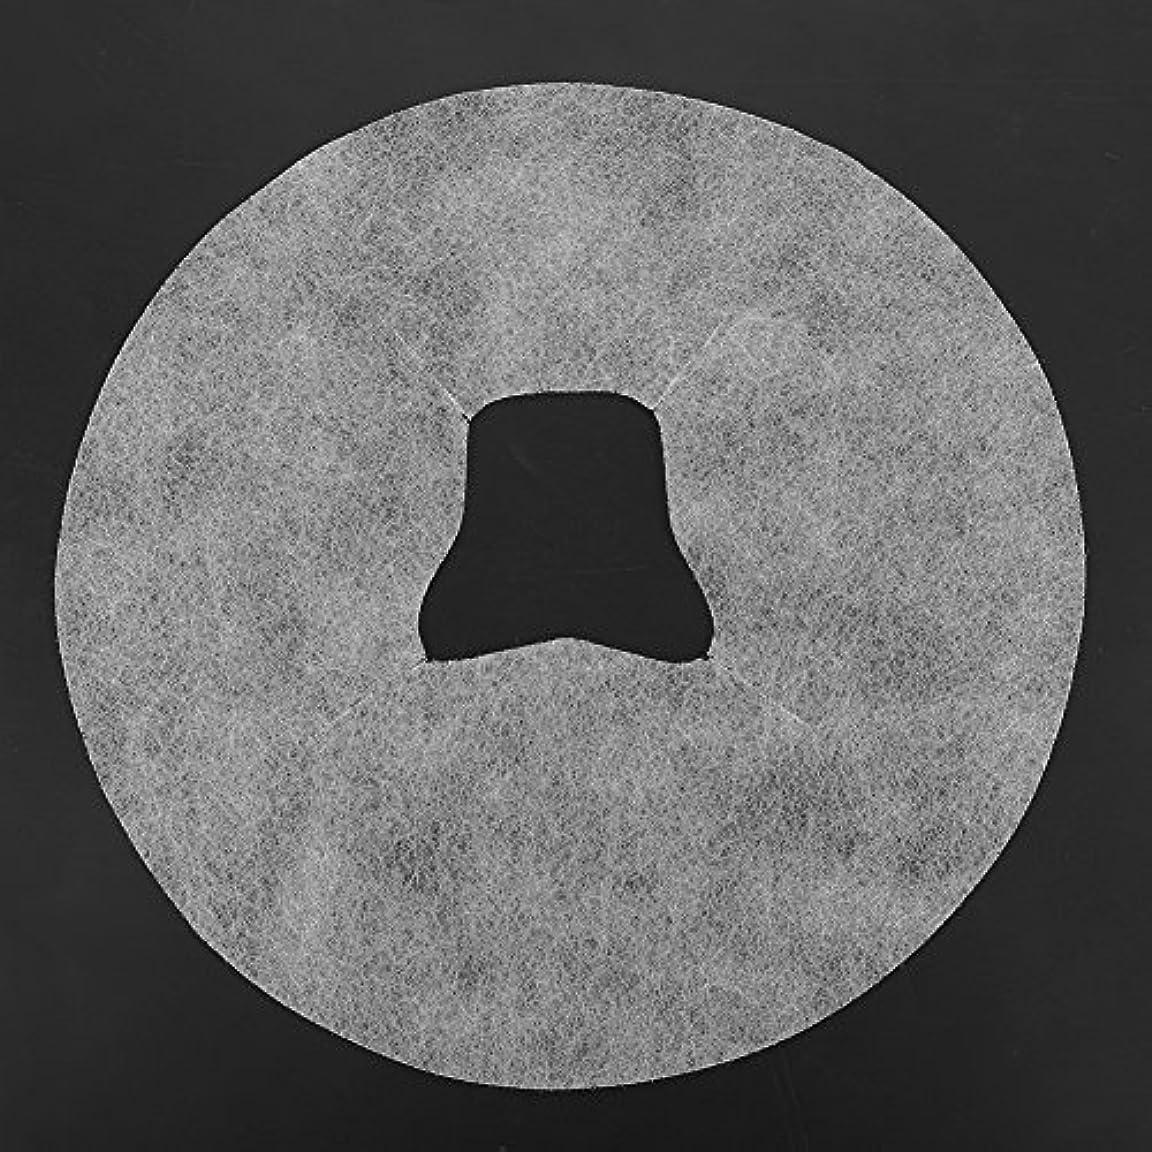 マニュアル塊調和SoarUp 【100枚入】 フェイスマッサージパッド 使い捨てタオル 顔用 使い捨て 不織布材料 通気性 美容院?スパ?美容マッサージ専用 衛生的 安全 ホワイト